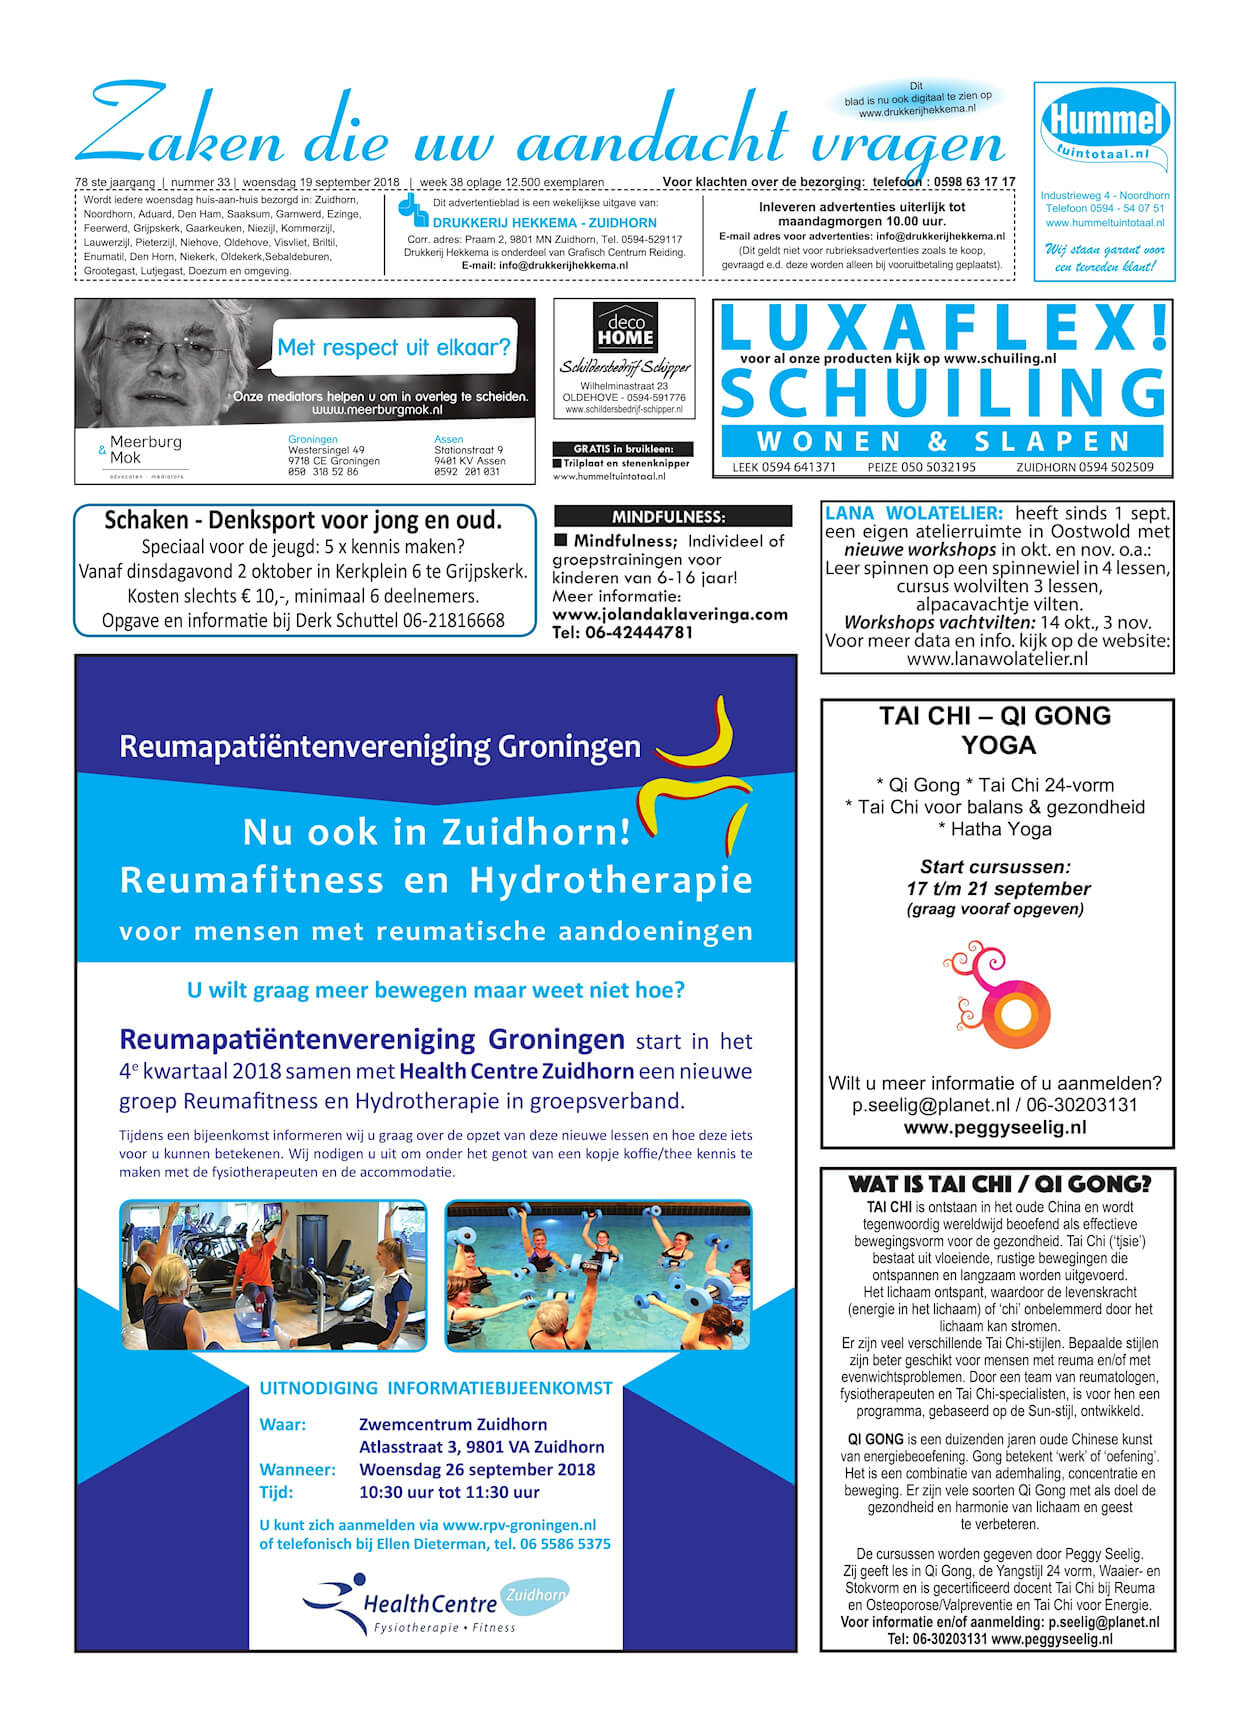 Drukkerij Hekkema - Zuidhorn - Zaken die uw aandacht vragen - 2018 week 38